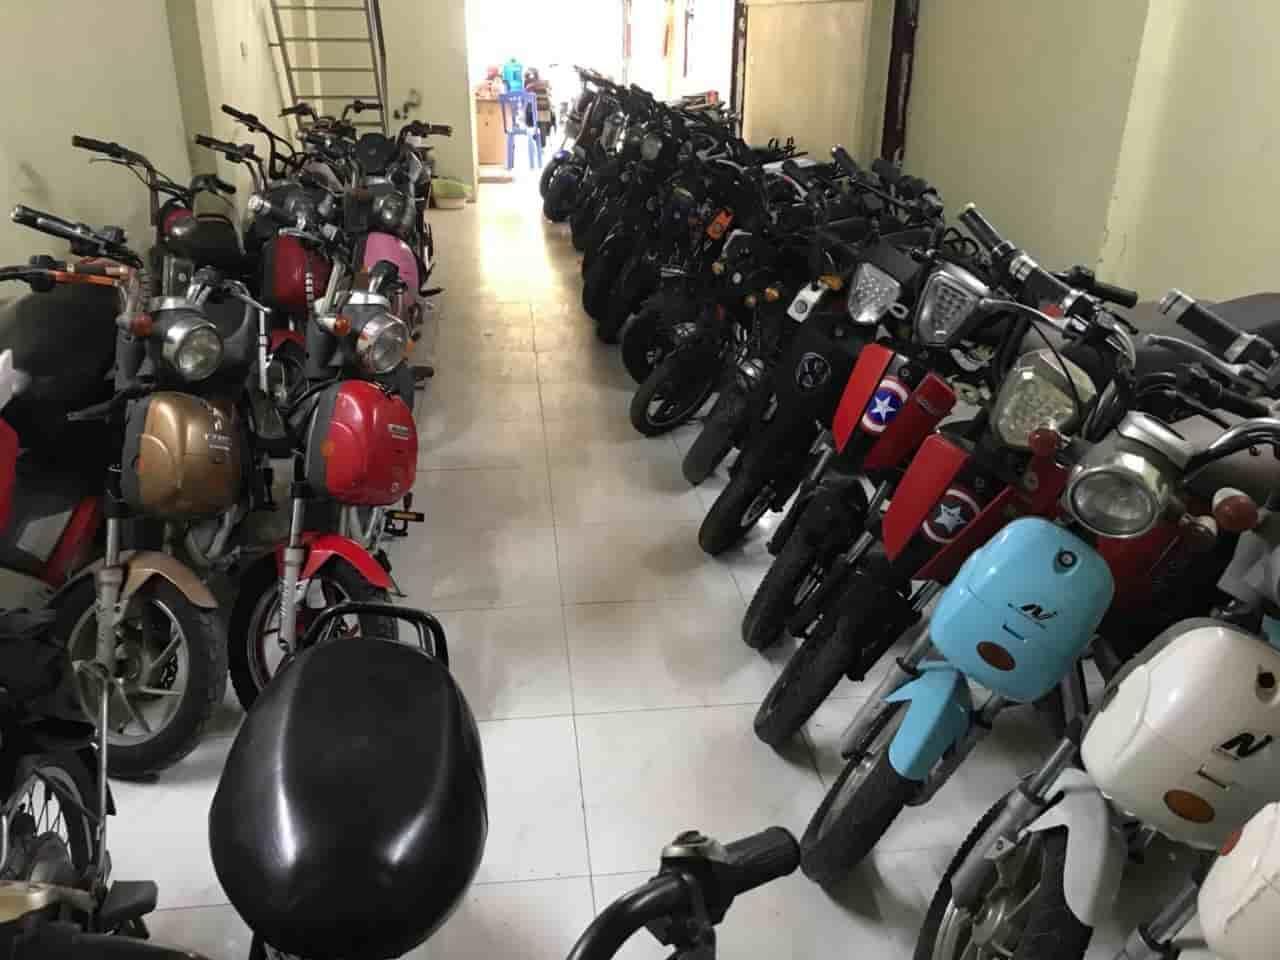 tổng hợp mẫu và giá xe đạp điện cũ giá rẻu và giá xe đạp điện cũ giá rẻ